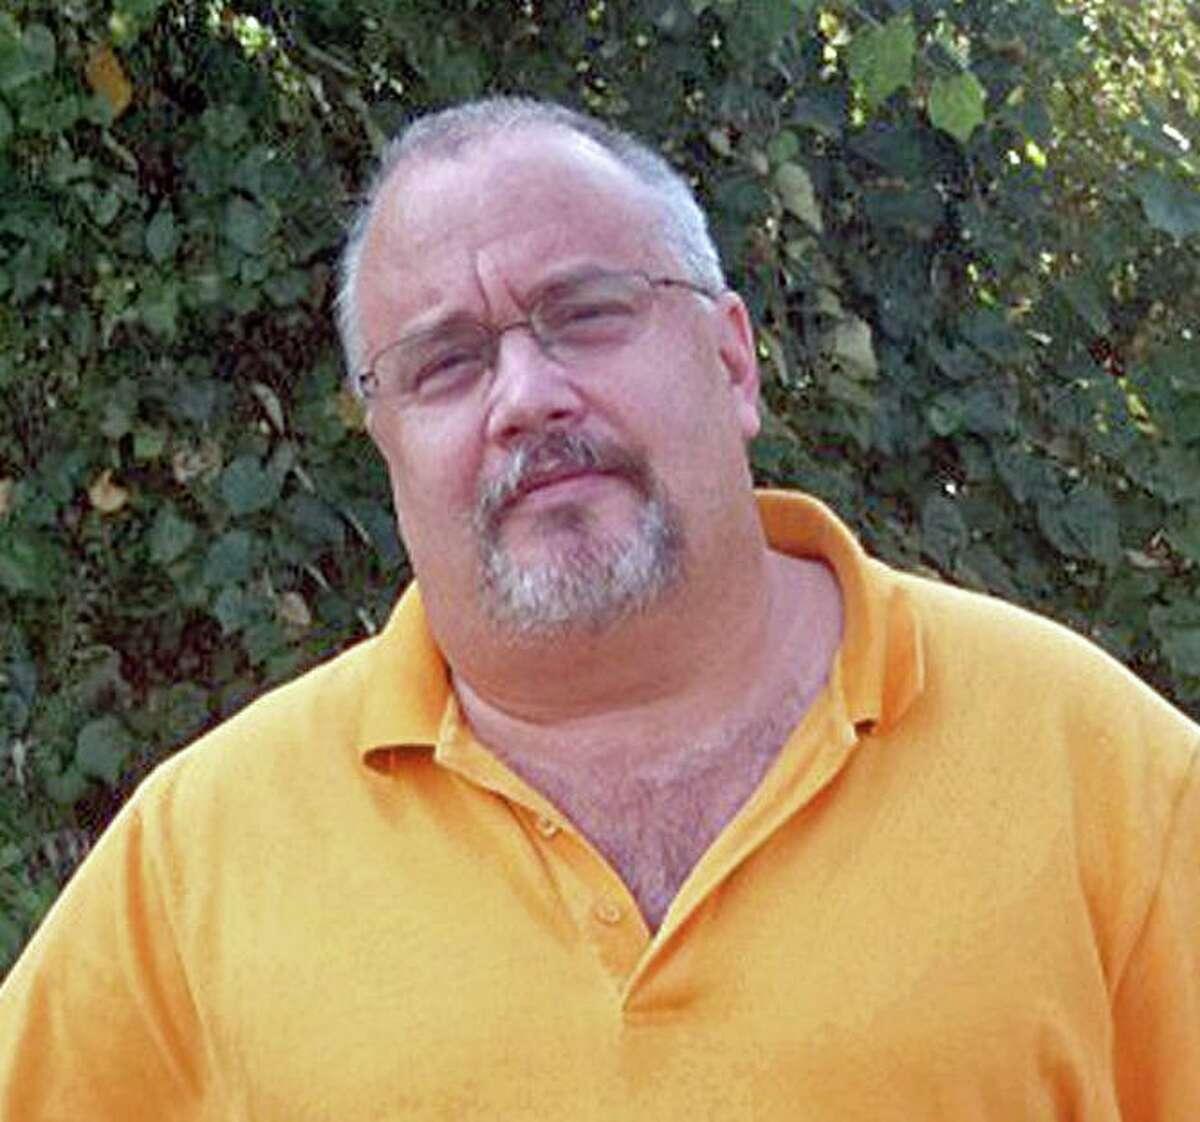 Bryan Ethier, the columnist